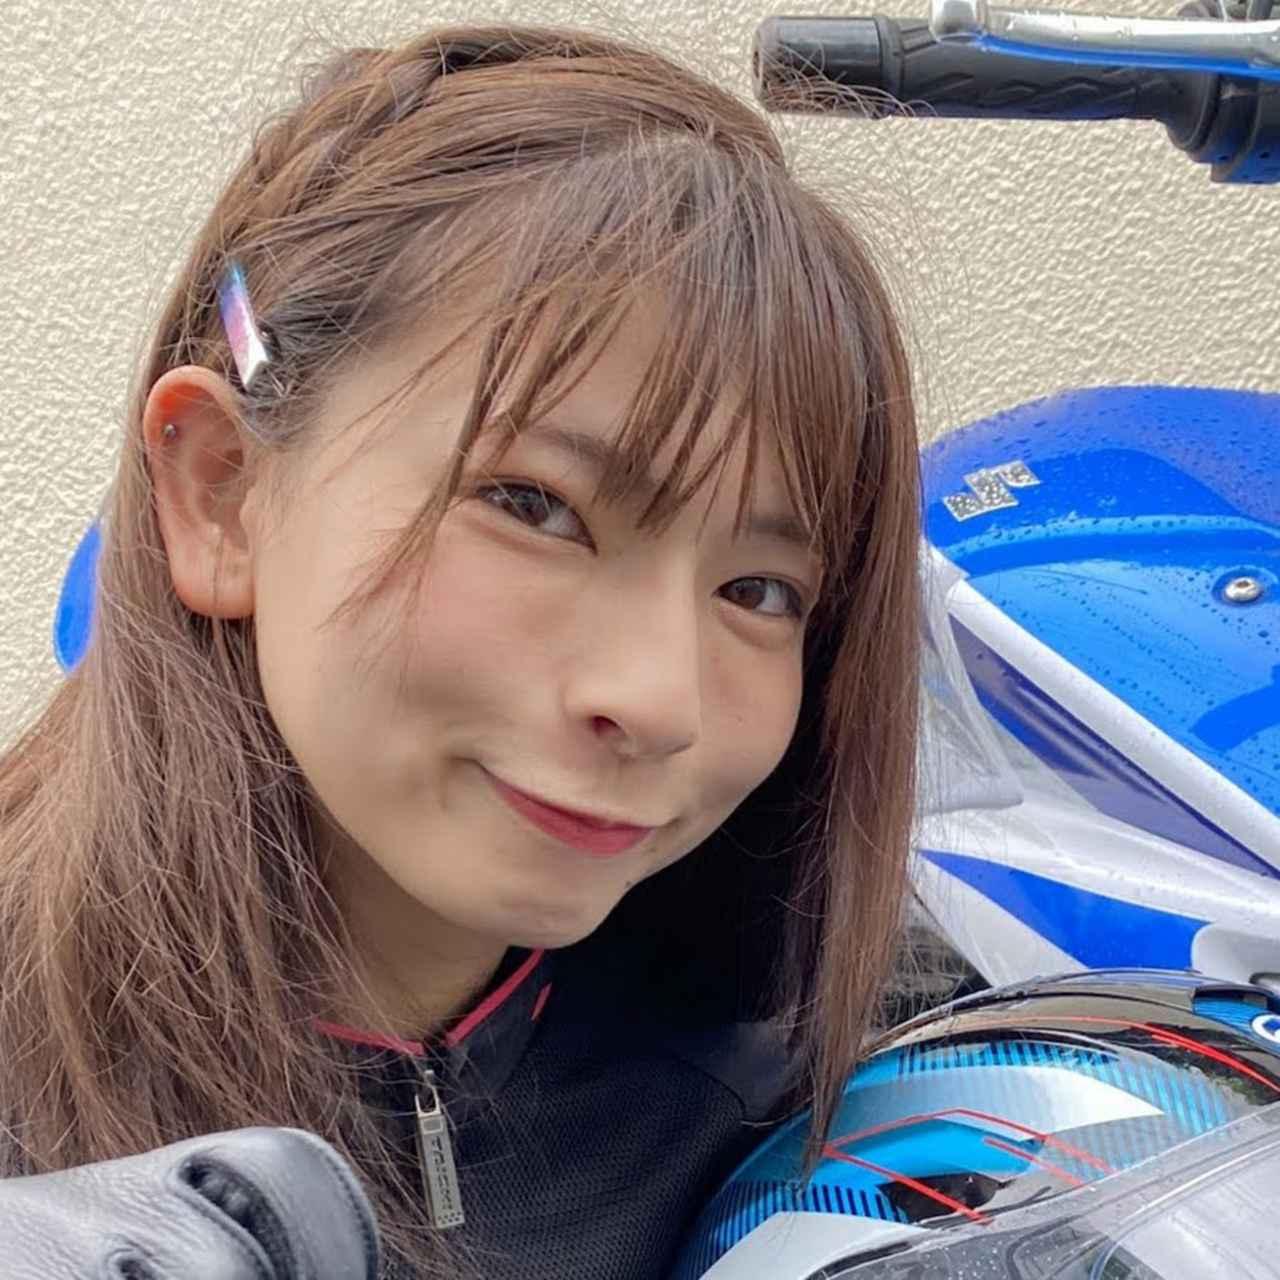 画像: Youtube 葉月美優のバイク日記